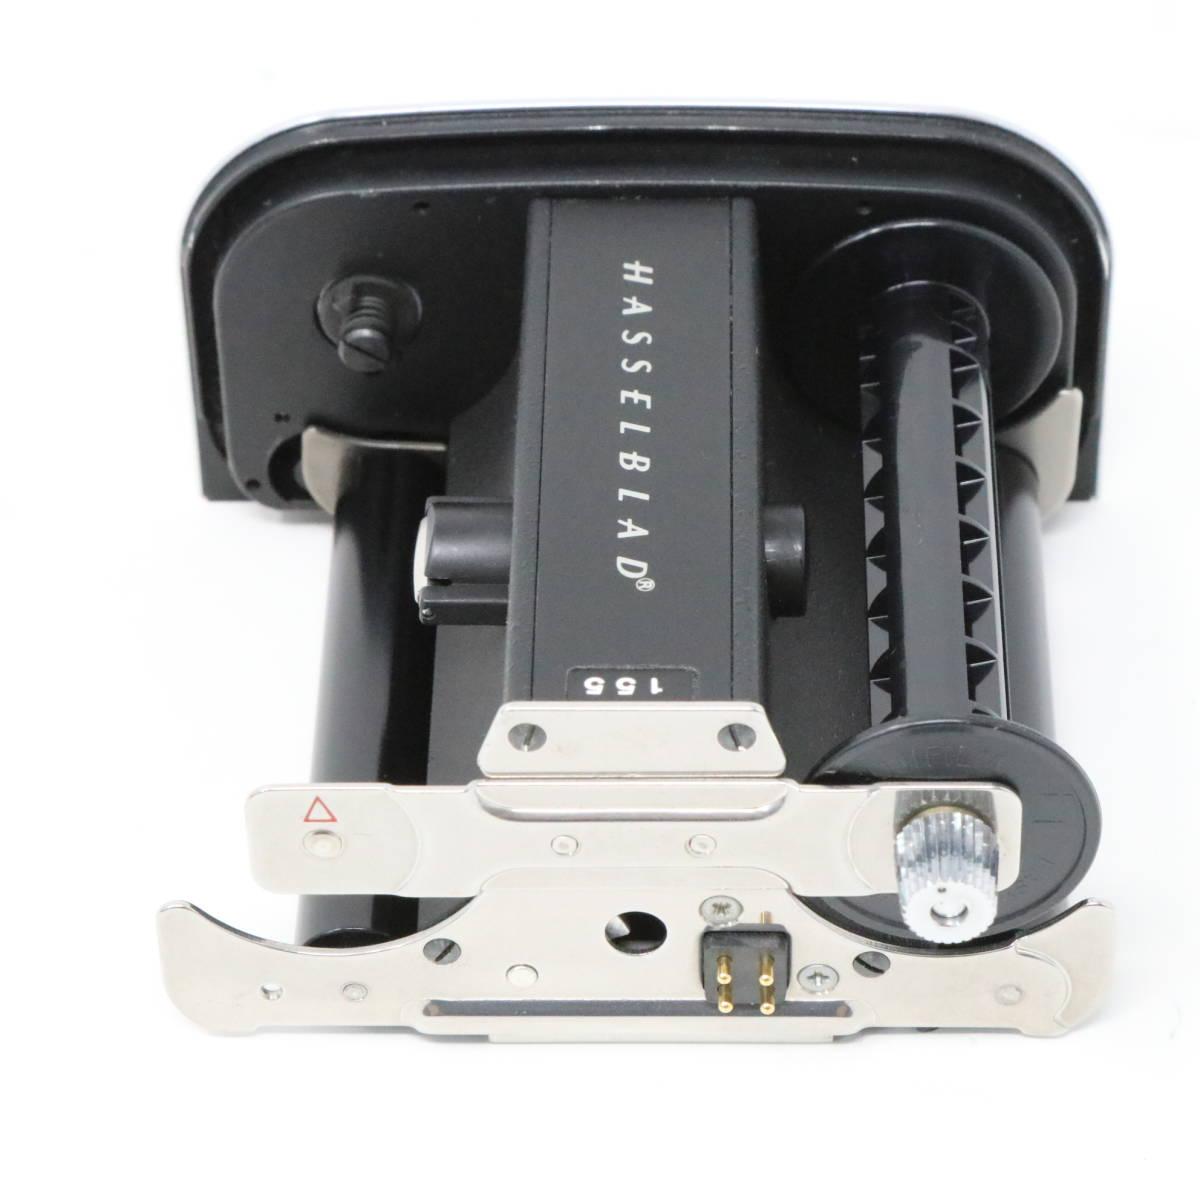 【中古良品完動品】 HASSELBLAD ハッセルブラッド 中判一眼レフカメラ ☆205TCC CarlZeiss Planar F 80mm F2.8 T* マガジン12TCC +16TCC付_画像8